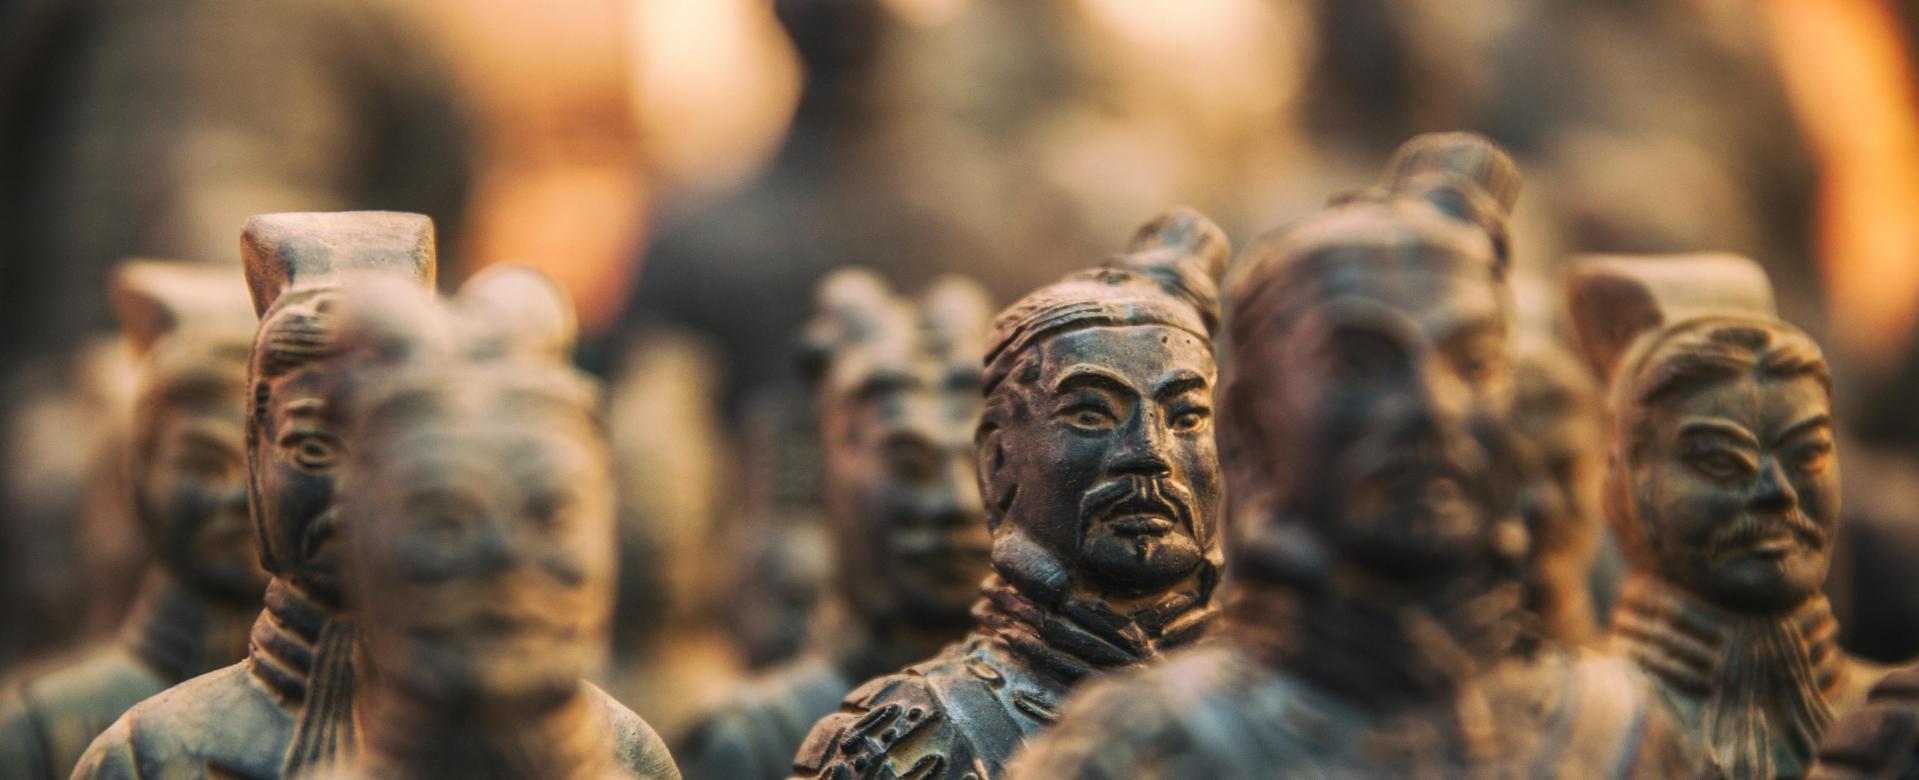 Voyage à pied : Splendeurs de la chine orientale